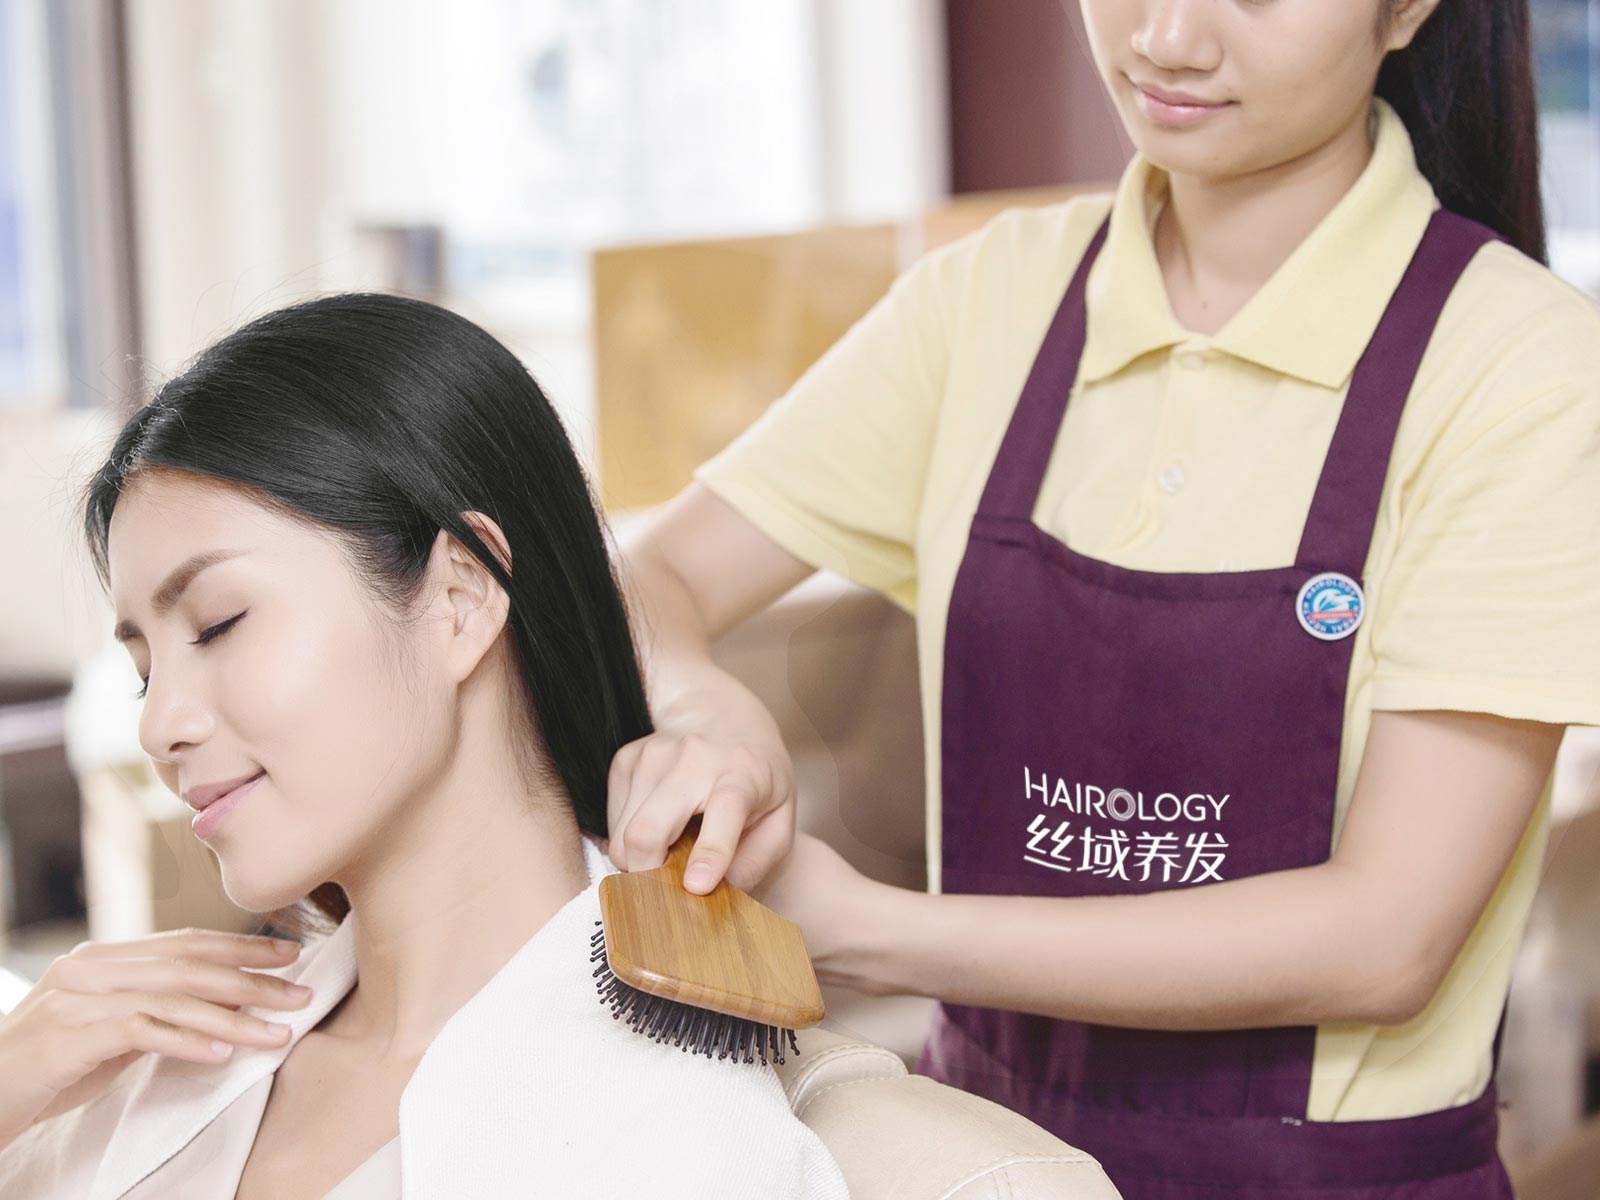 如何加盟丝域养发馆?这些优势你了解吗